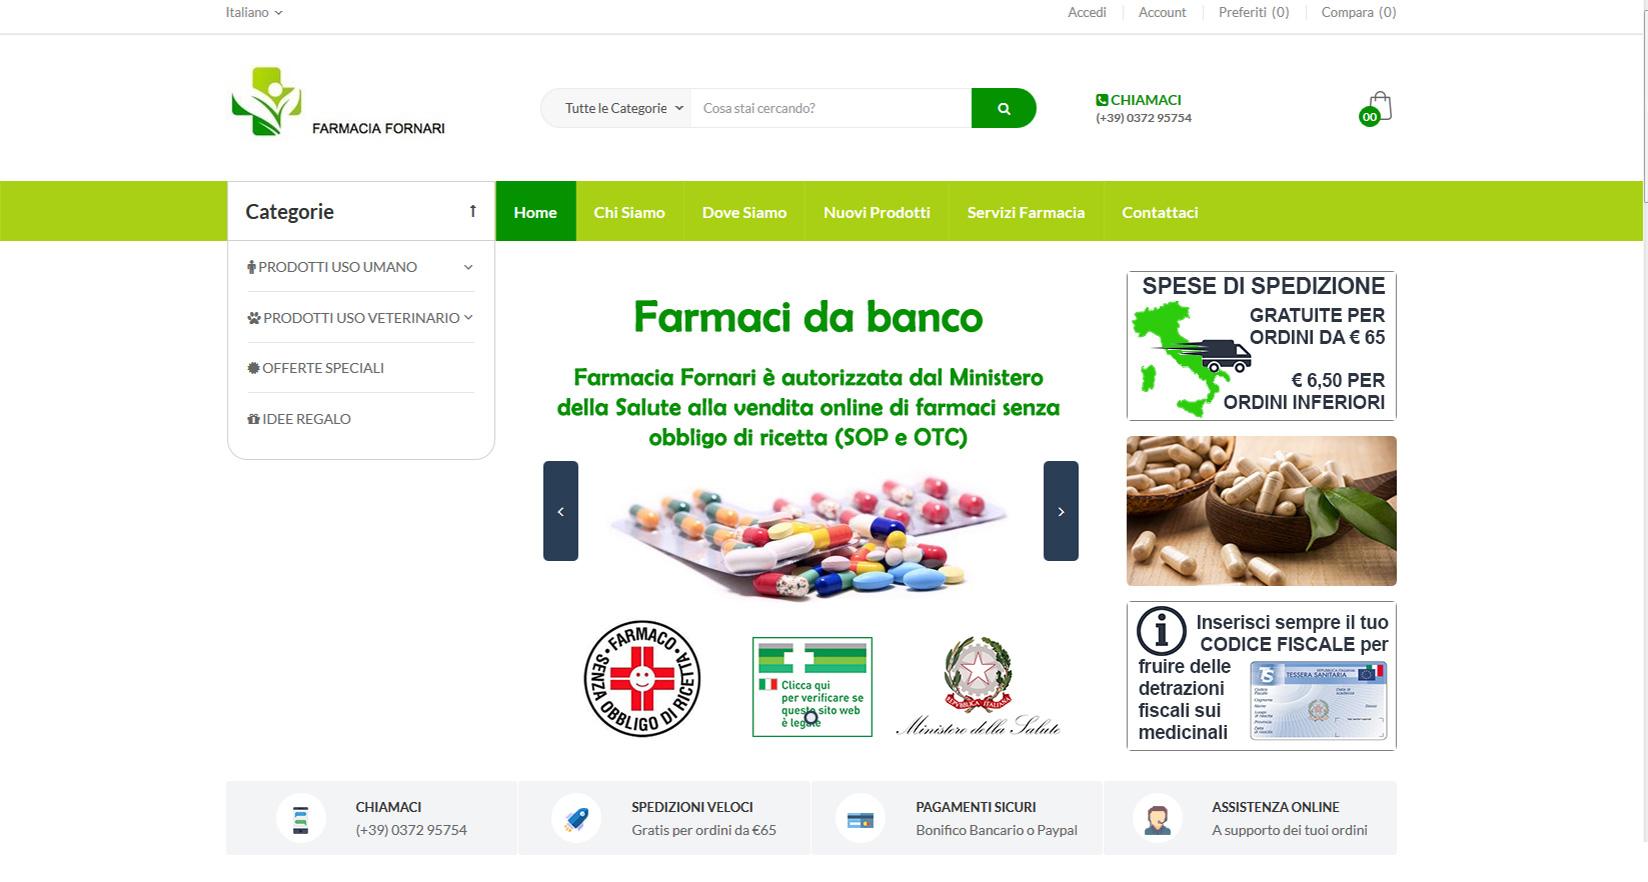 Farmacia Fornari